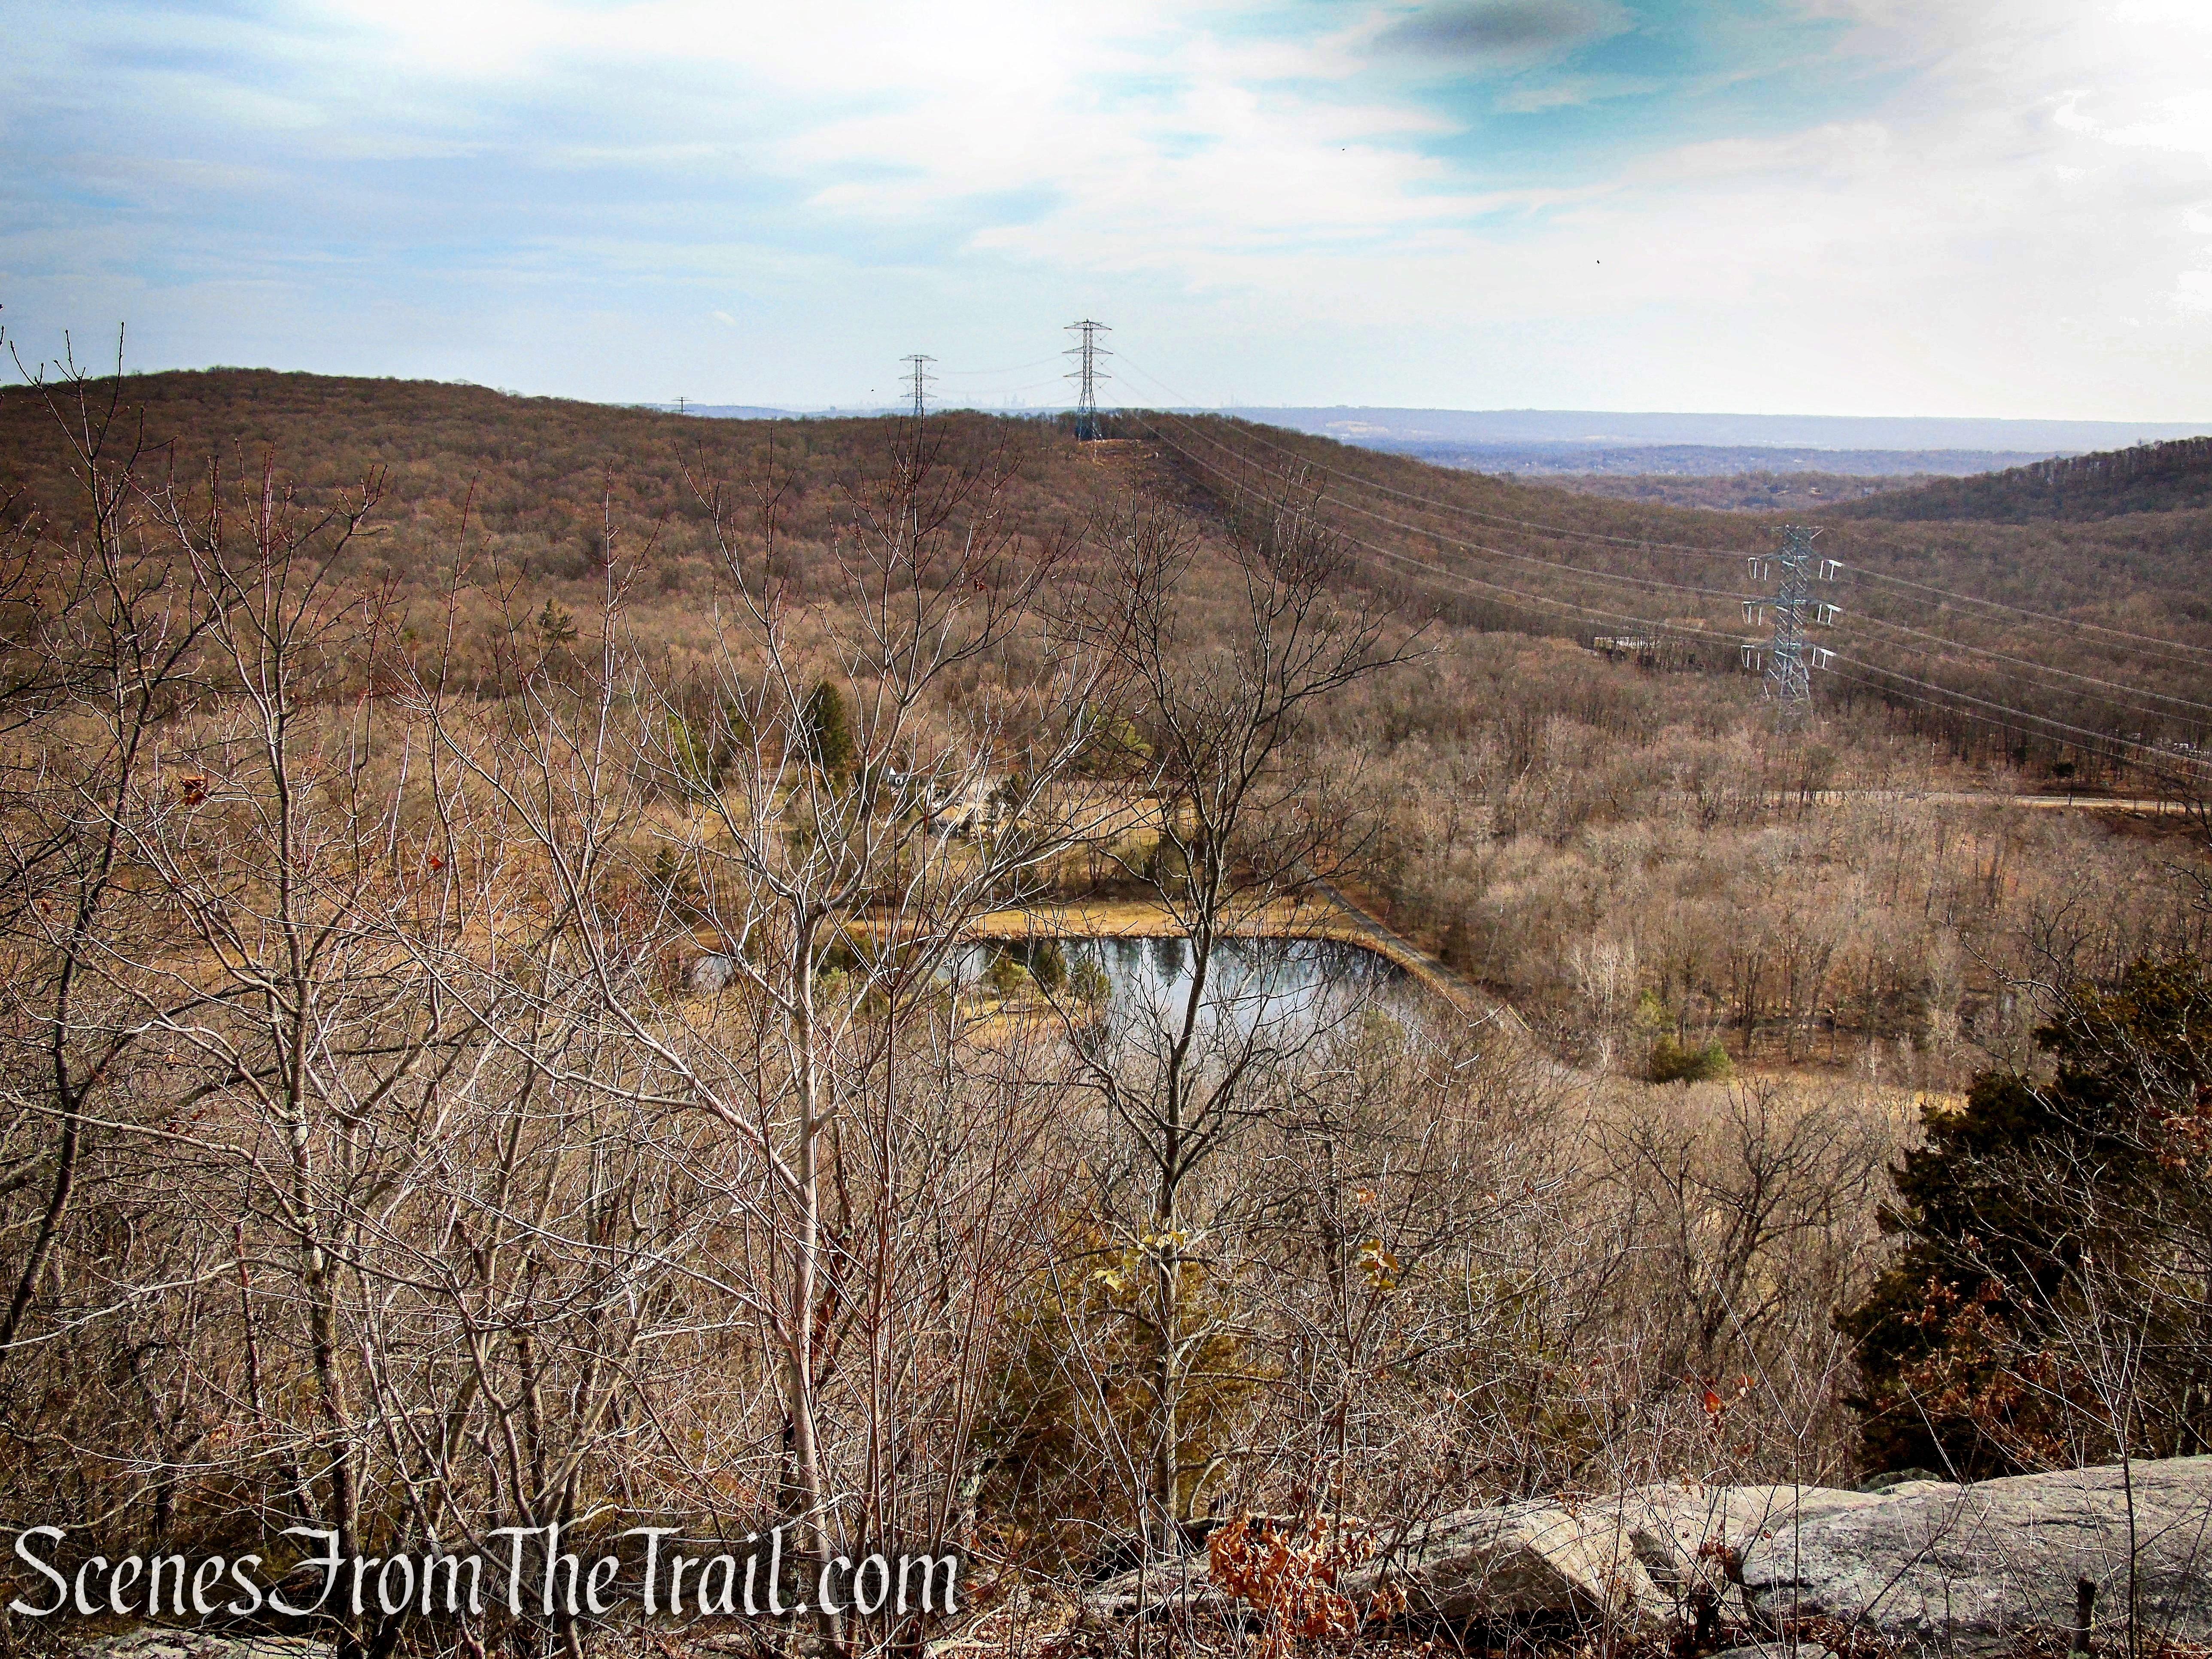 Viewpoint #1 - Blue Trail